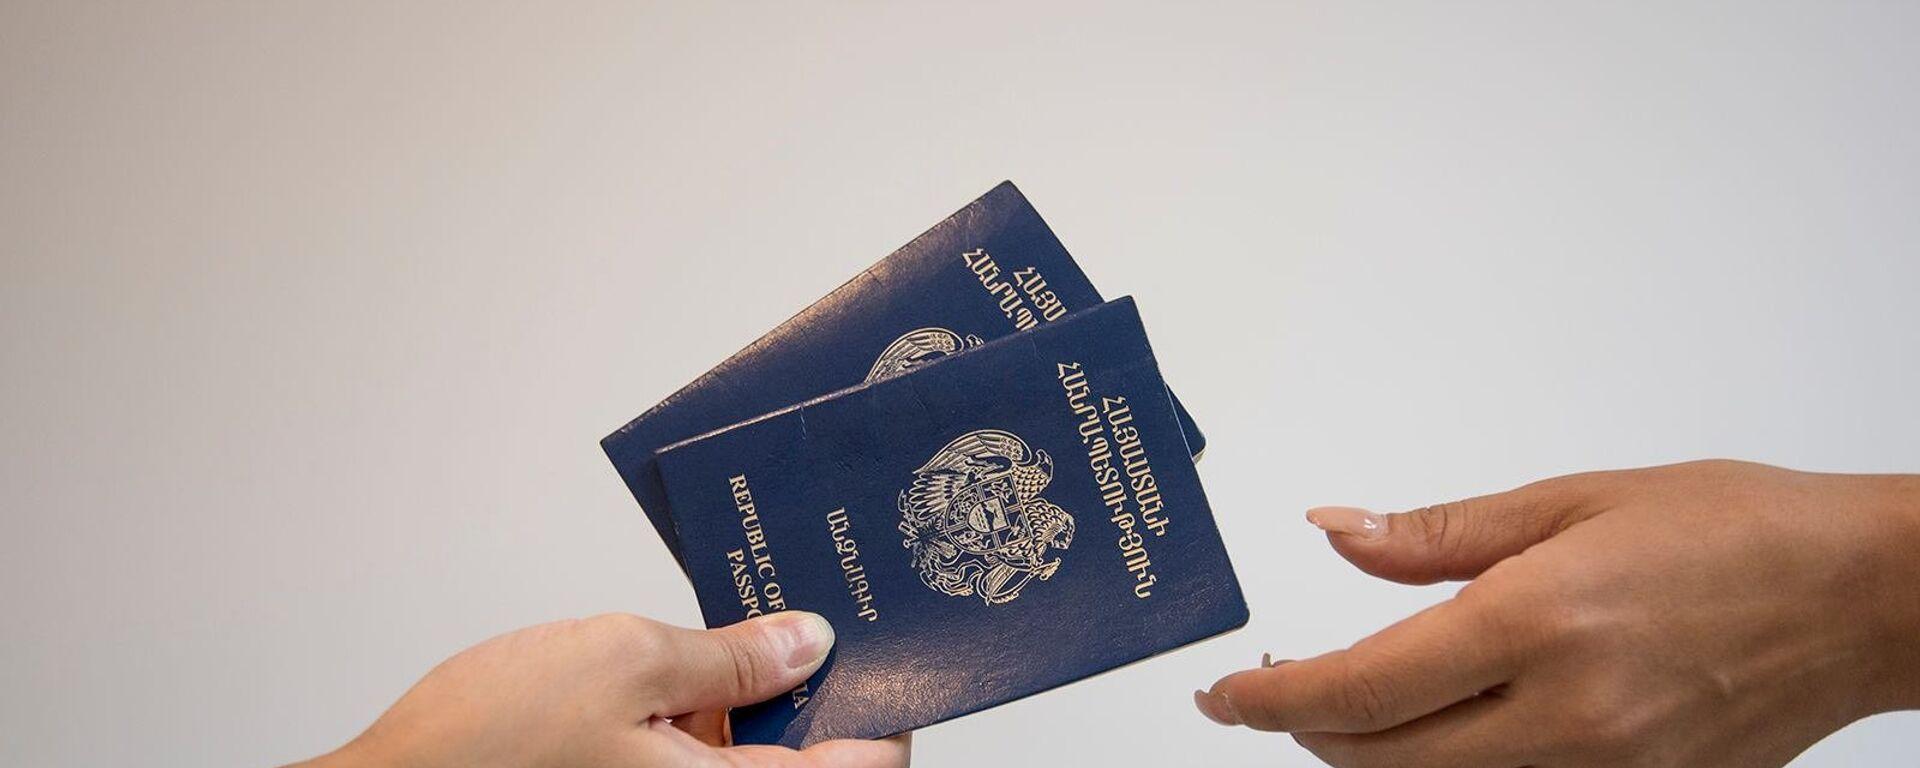 Паспорт - Sputnik Армения, 1920, 31.08.2021